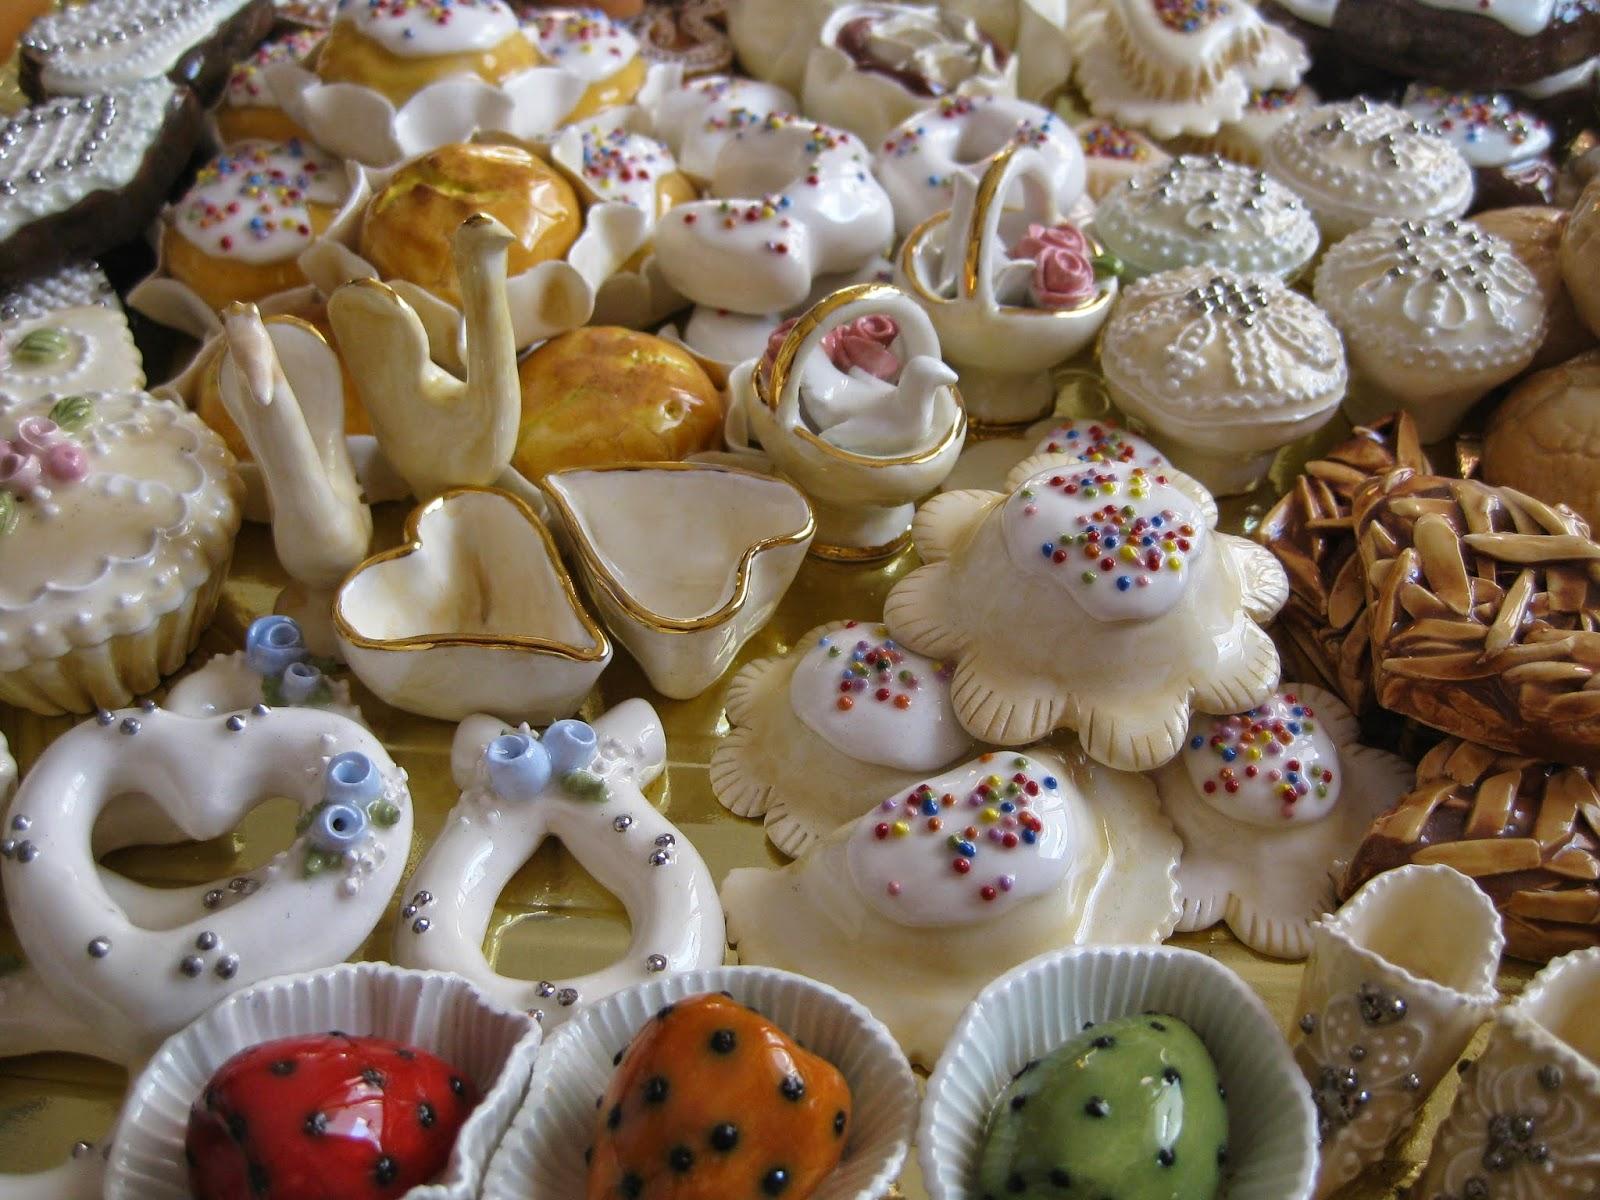 Cento gr di zucchero i dolci sardi for Ricette dolci sardi